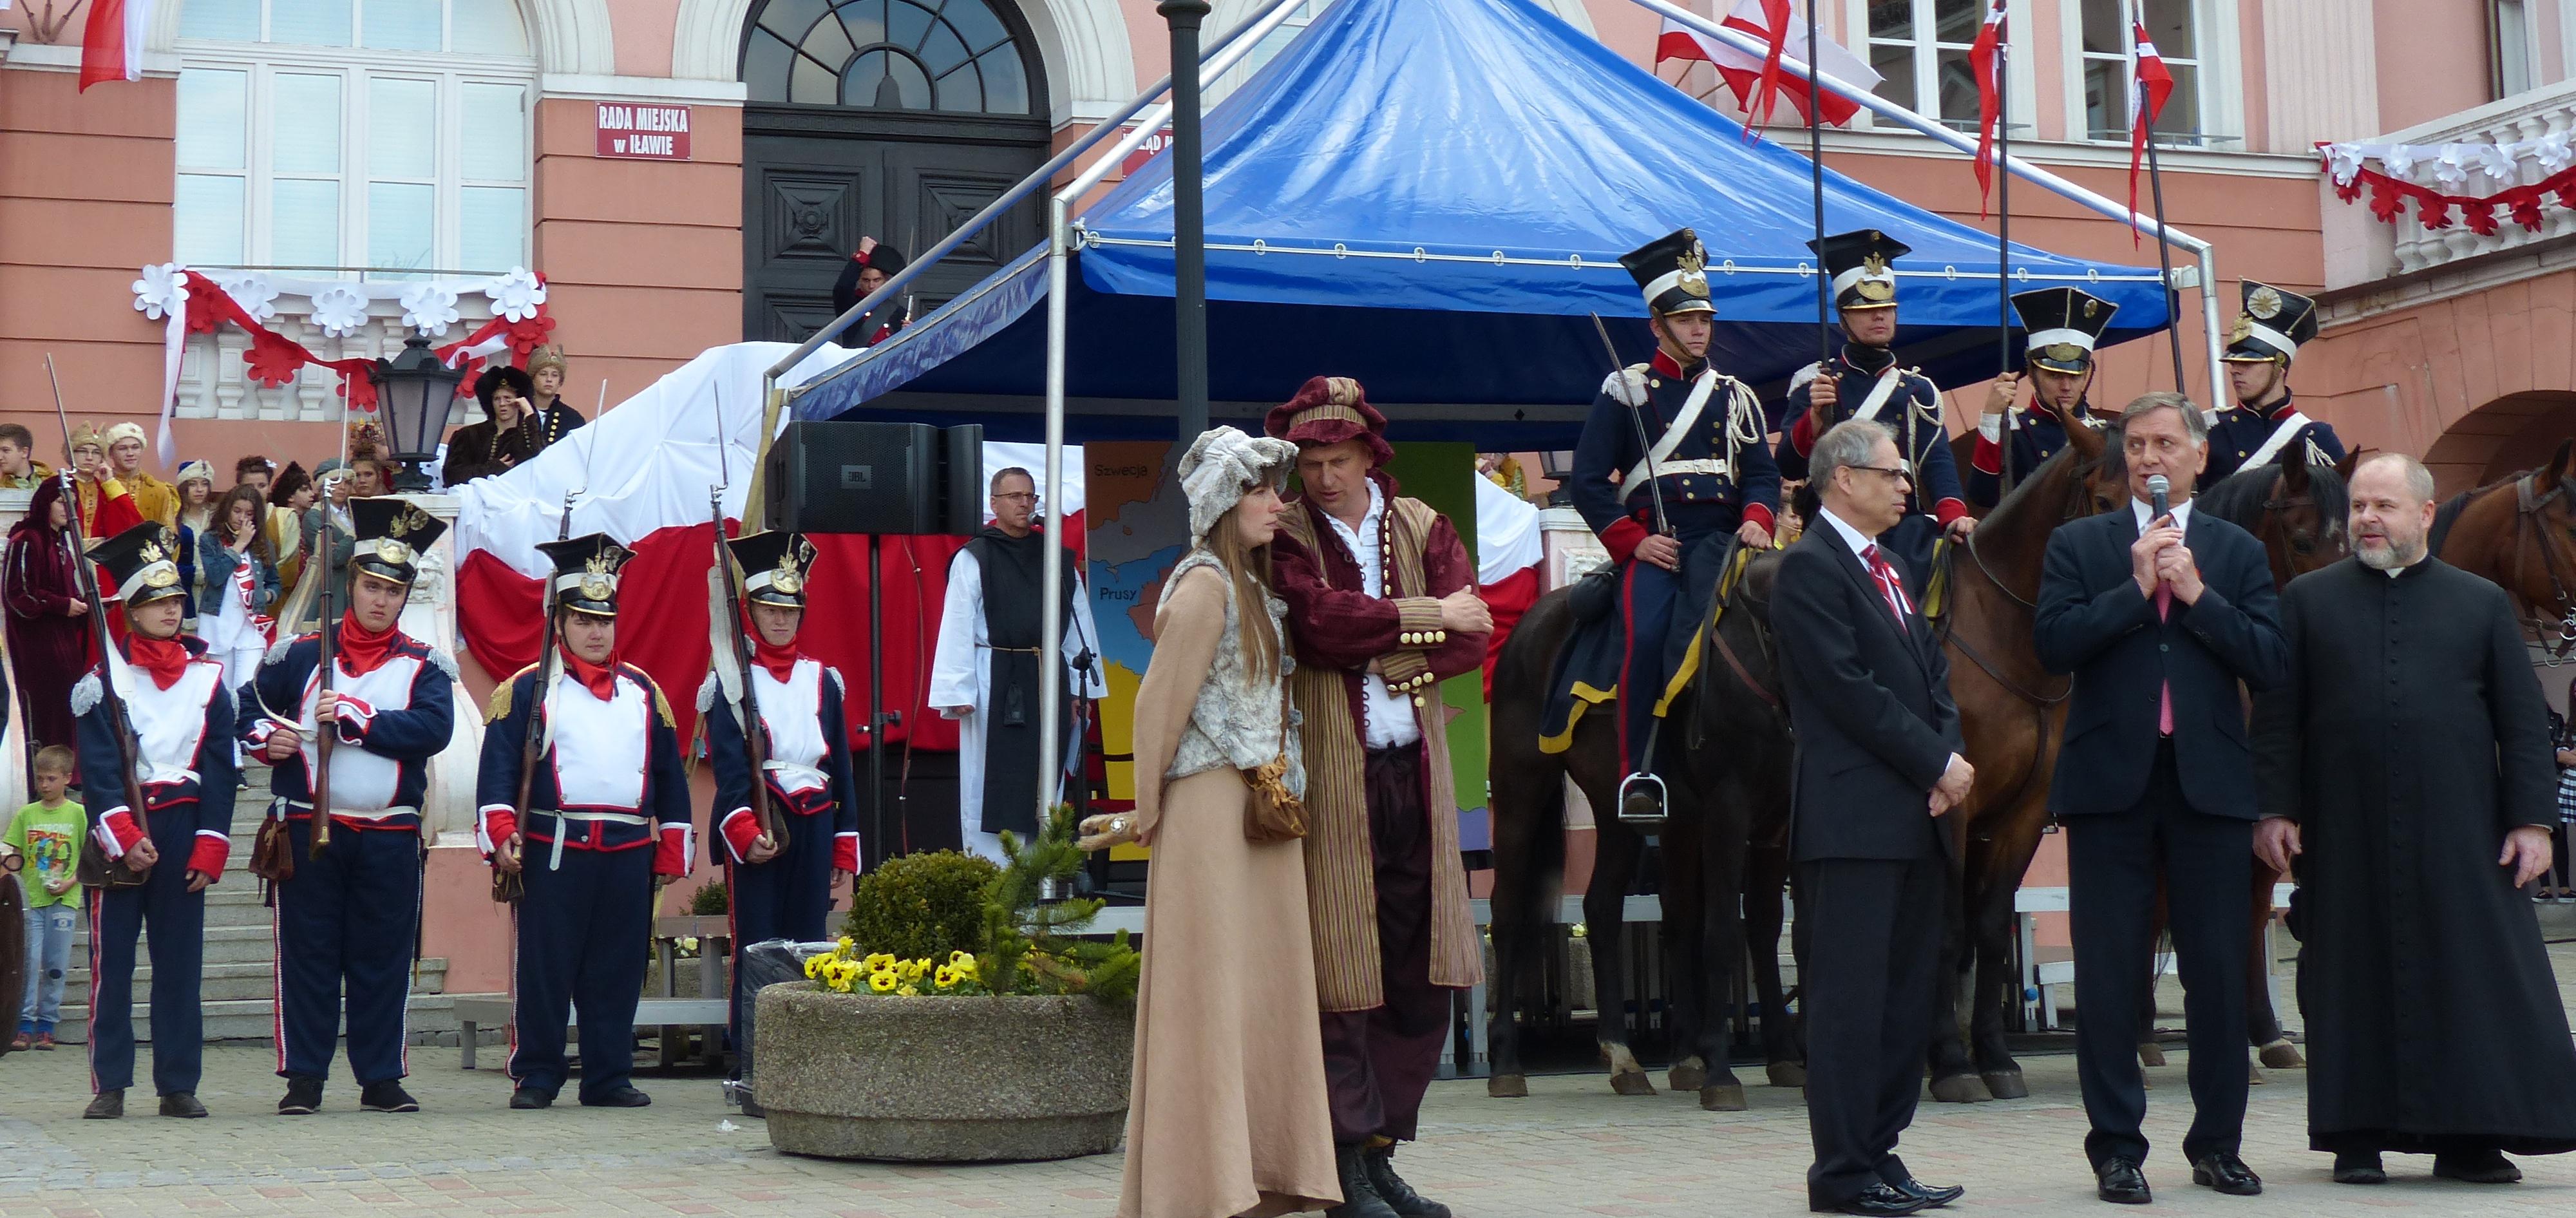 Tuż po historycznej paradzie głos zabrałm.in. burmistrz Iławy Adam Żyliński i zaprosiłmieszkańców do obejrzenia przedstawienia